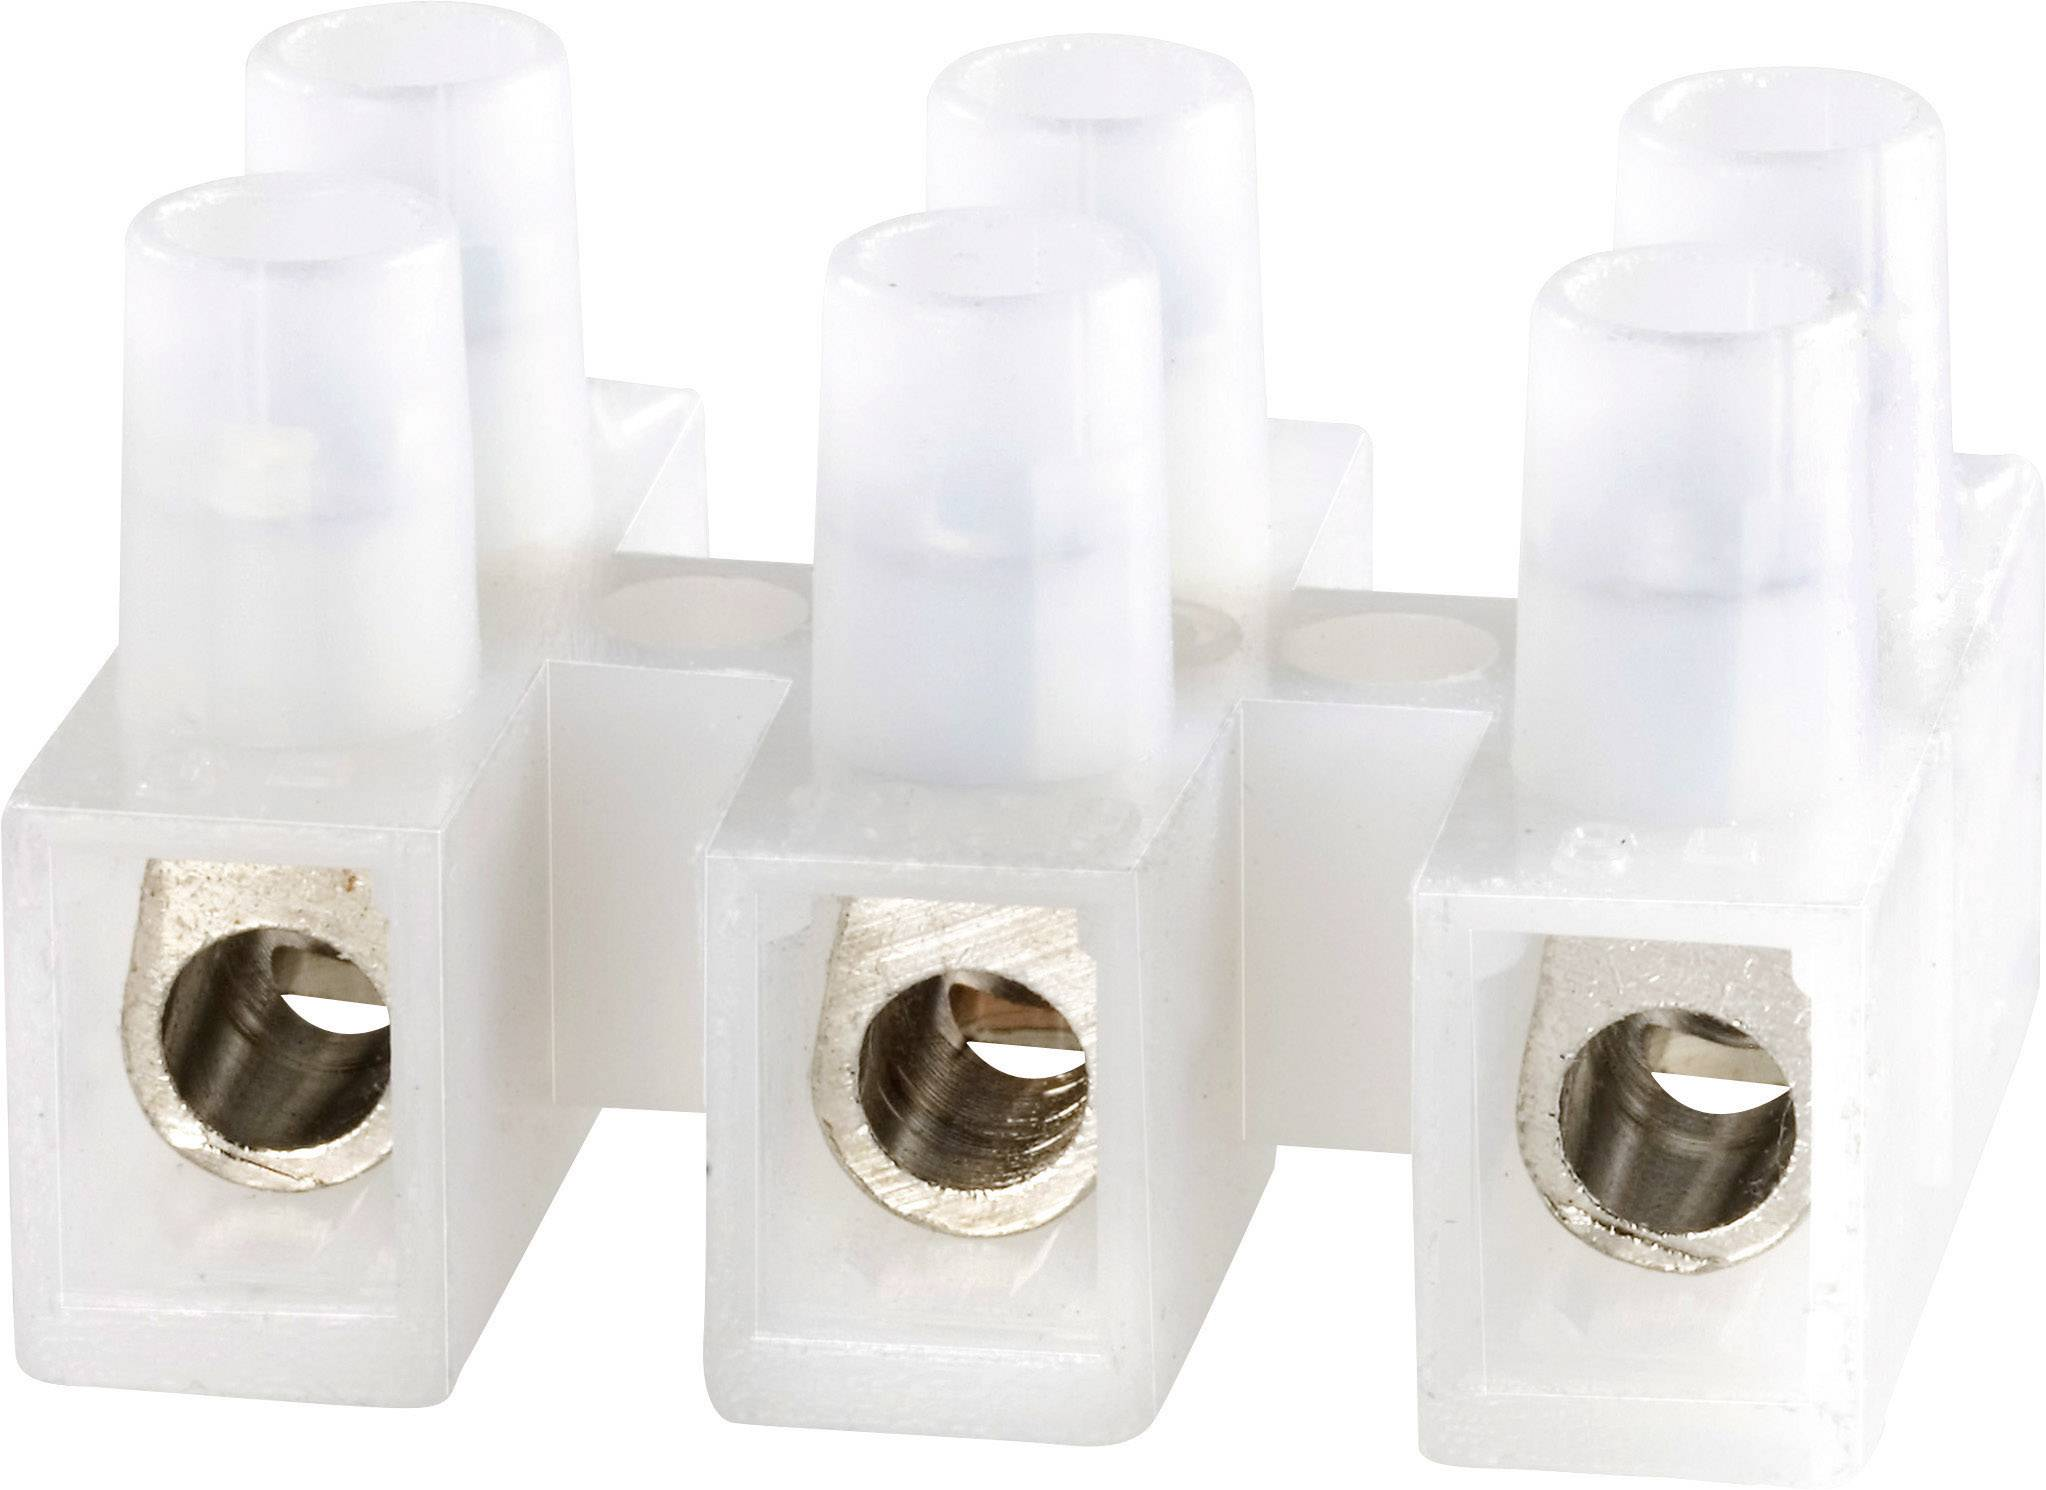 Svietidlové svorky Adels-Contact 1000/5 DS na kábel s rozmerom -6 mm², pólů 5, 1 ks, prírodná